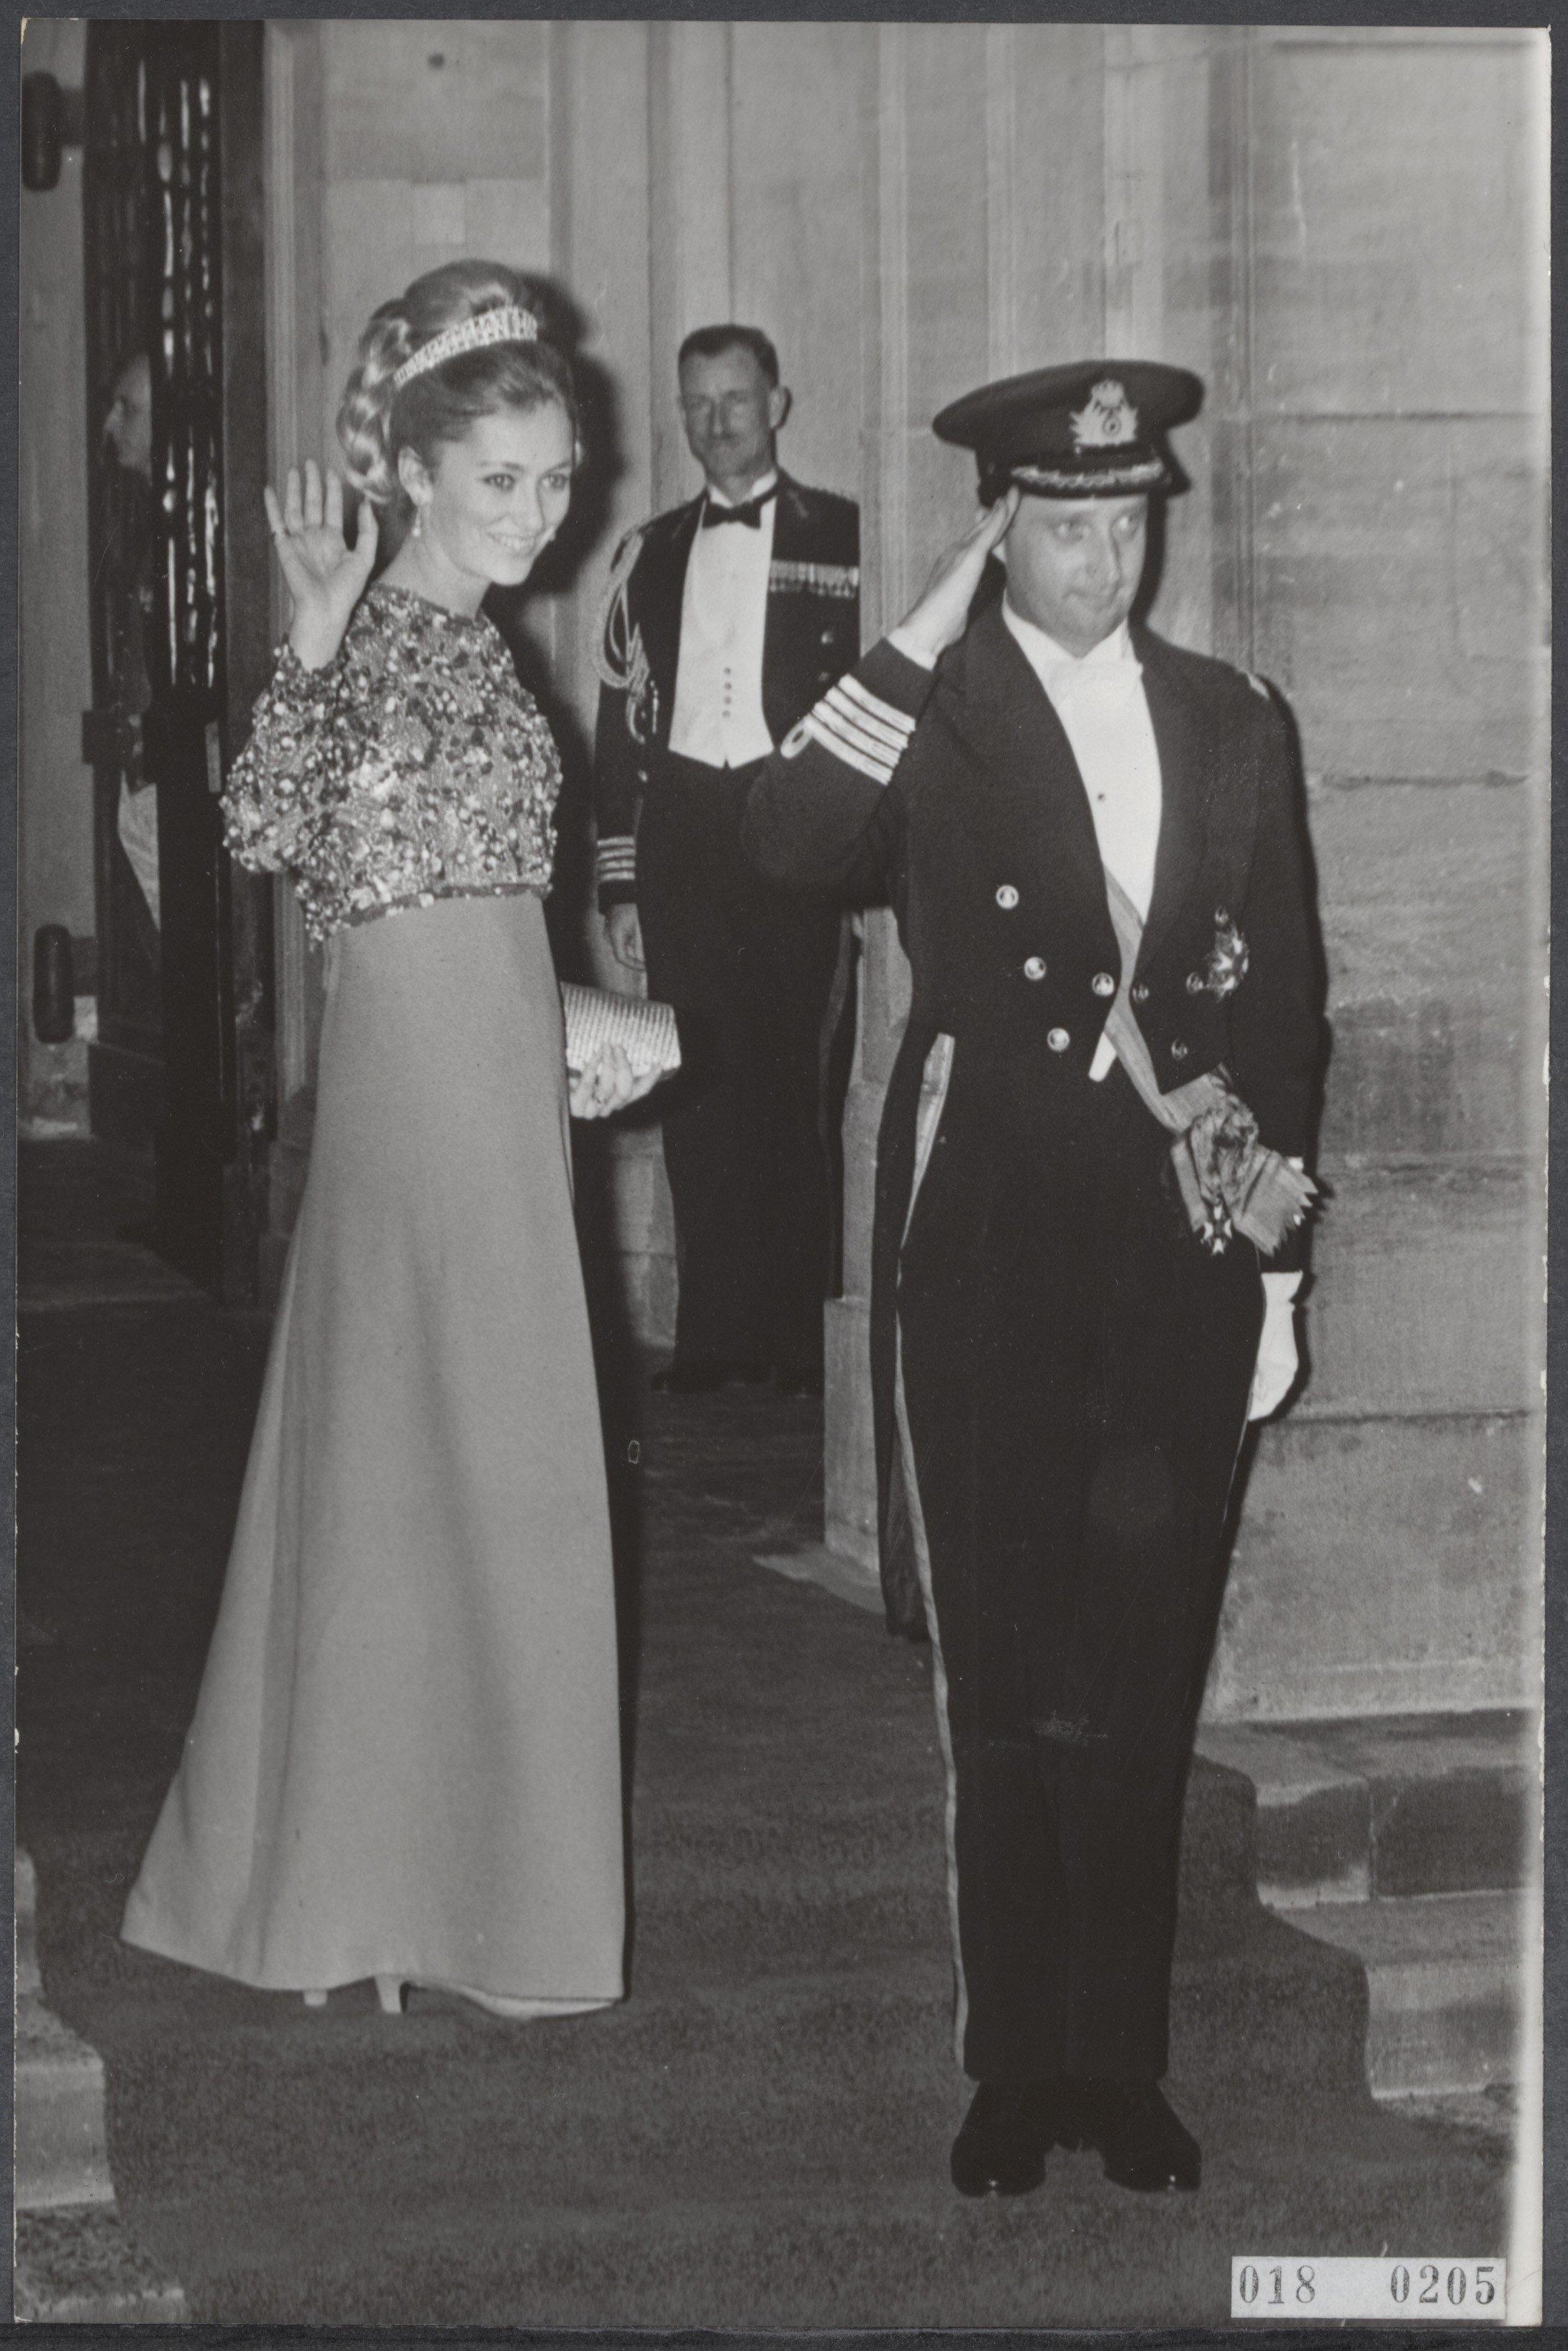 Sie lachen die Krisengerüchte weg: Paola und Albert im Jahr 1966   Foto: Eric Koch, National Archieves of the Netherlands,Fotocollectie Elsevier, Public Domain